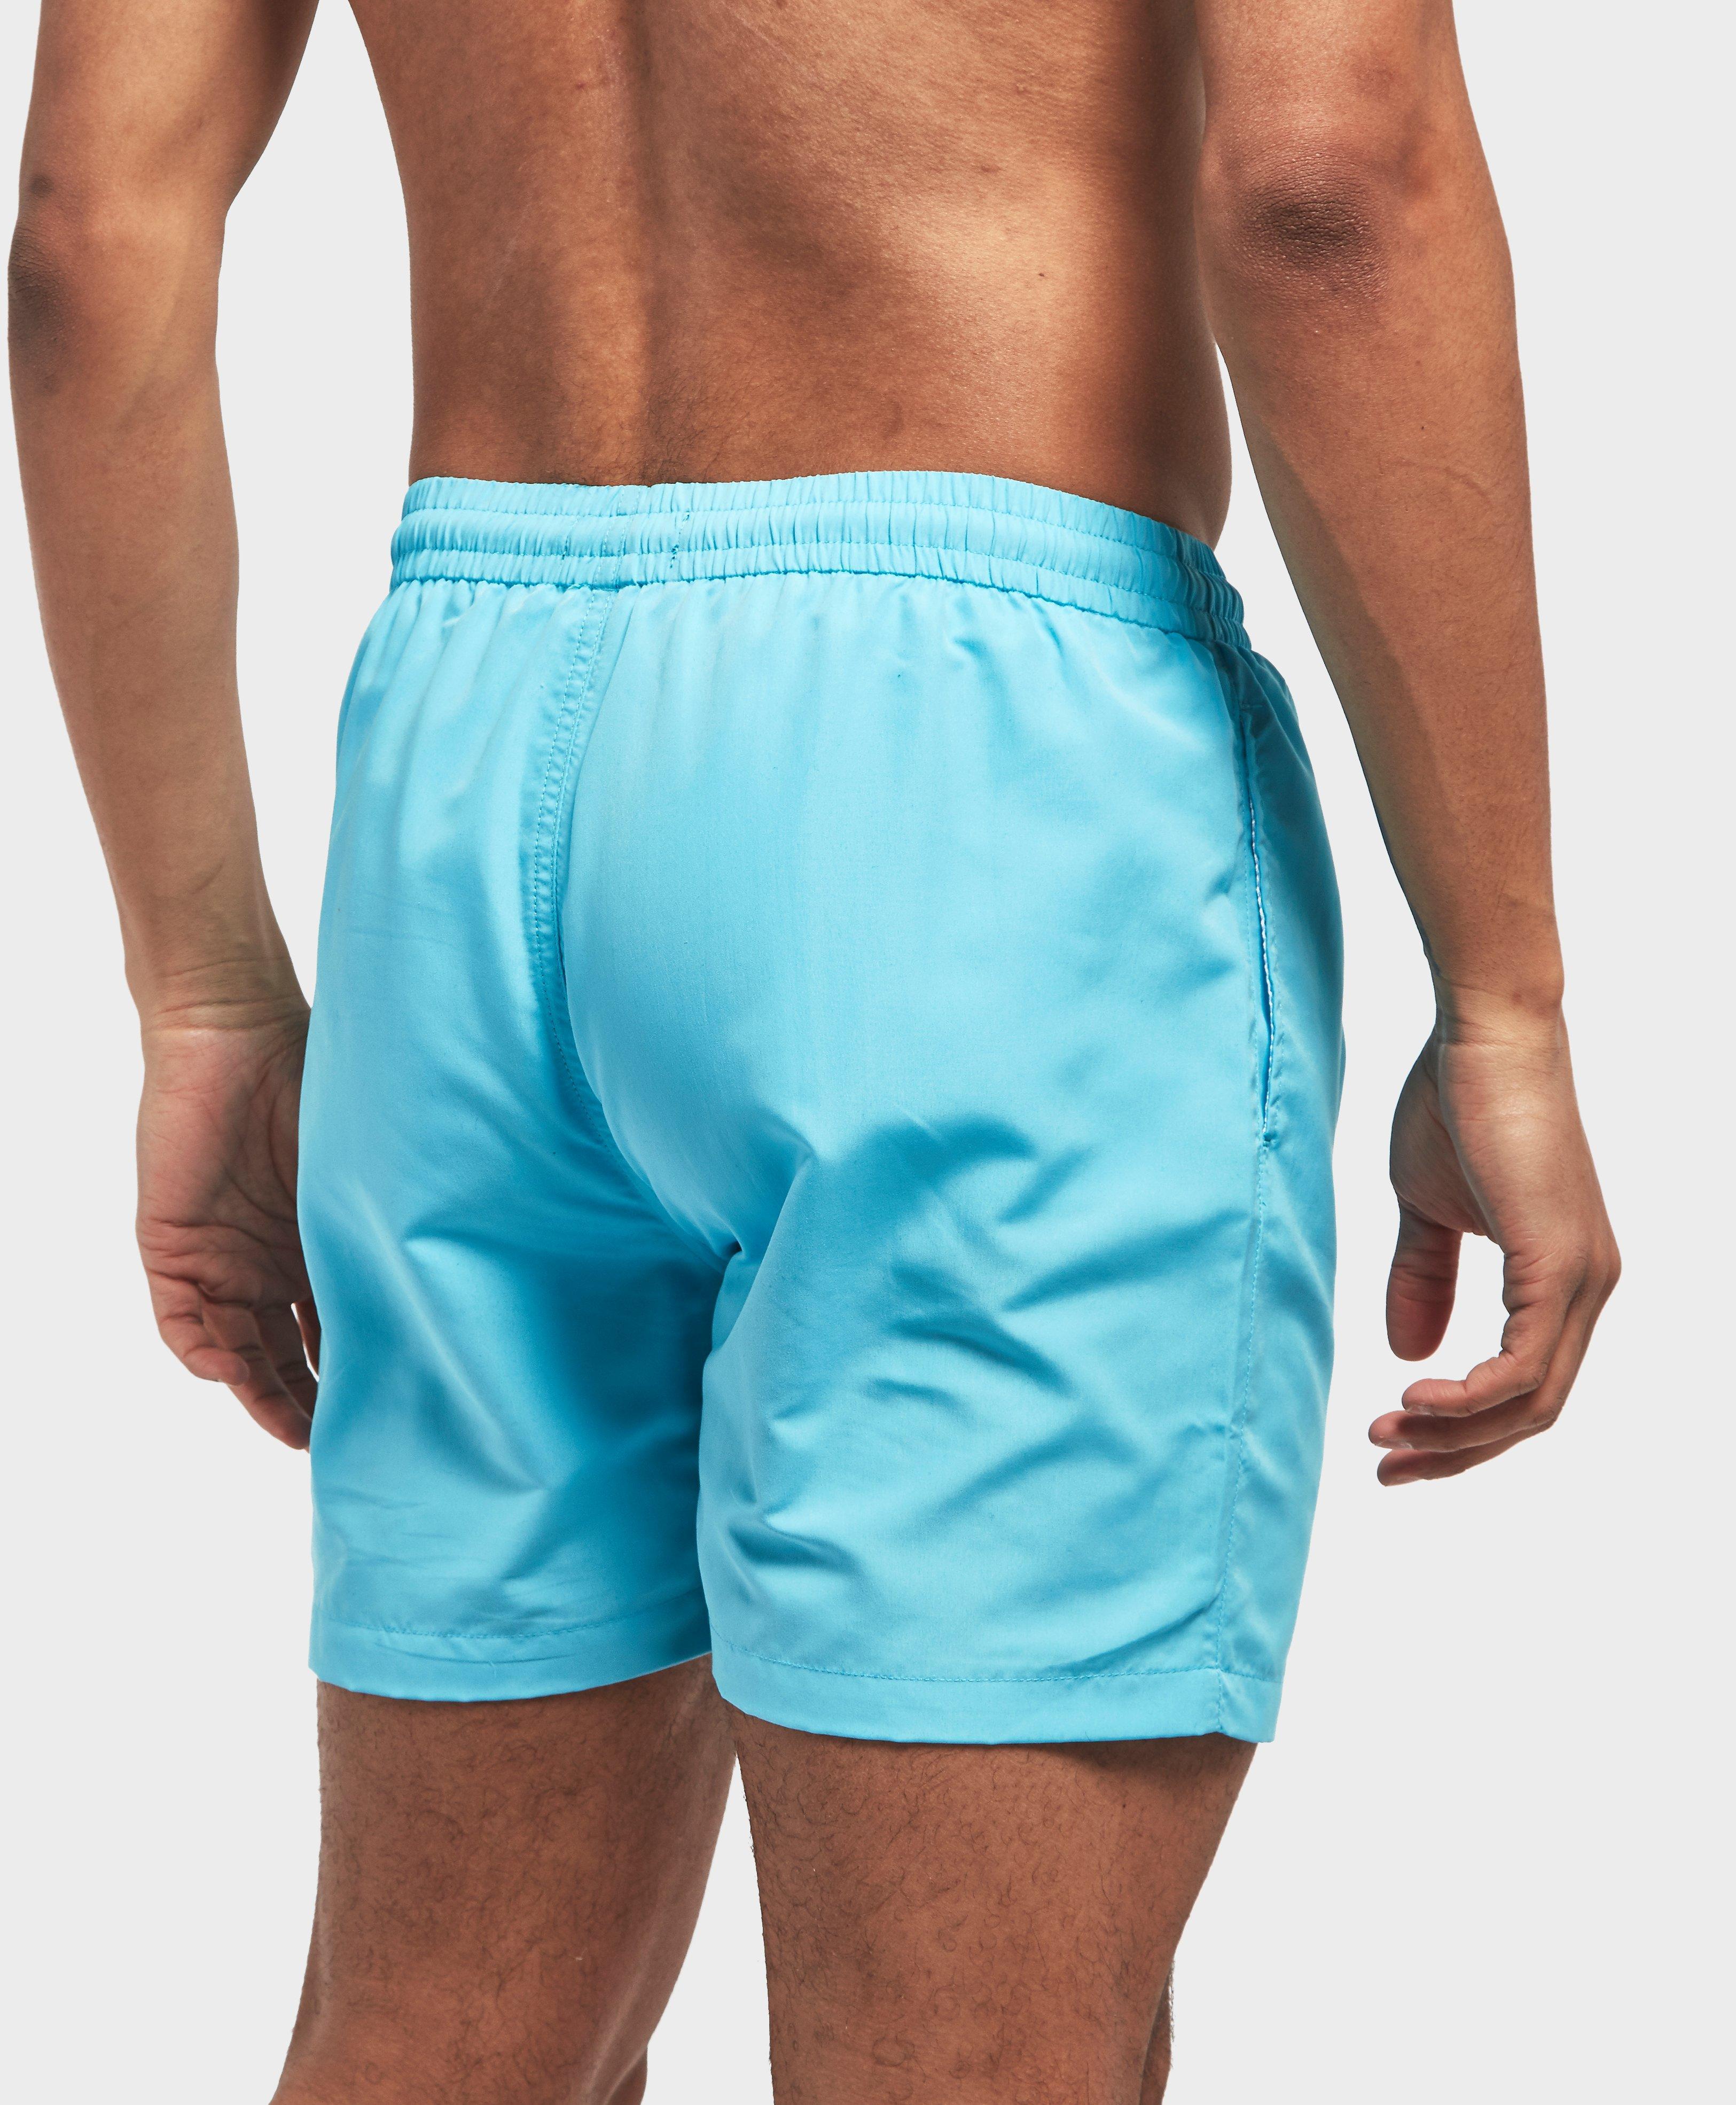 bf4c4fdbfb Henri Lloyd Brixham Swim Shorts in Blue for Men - Lyst